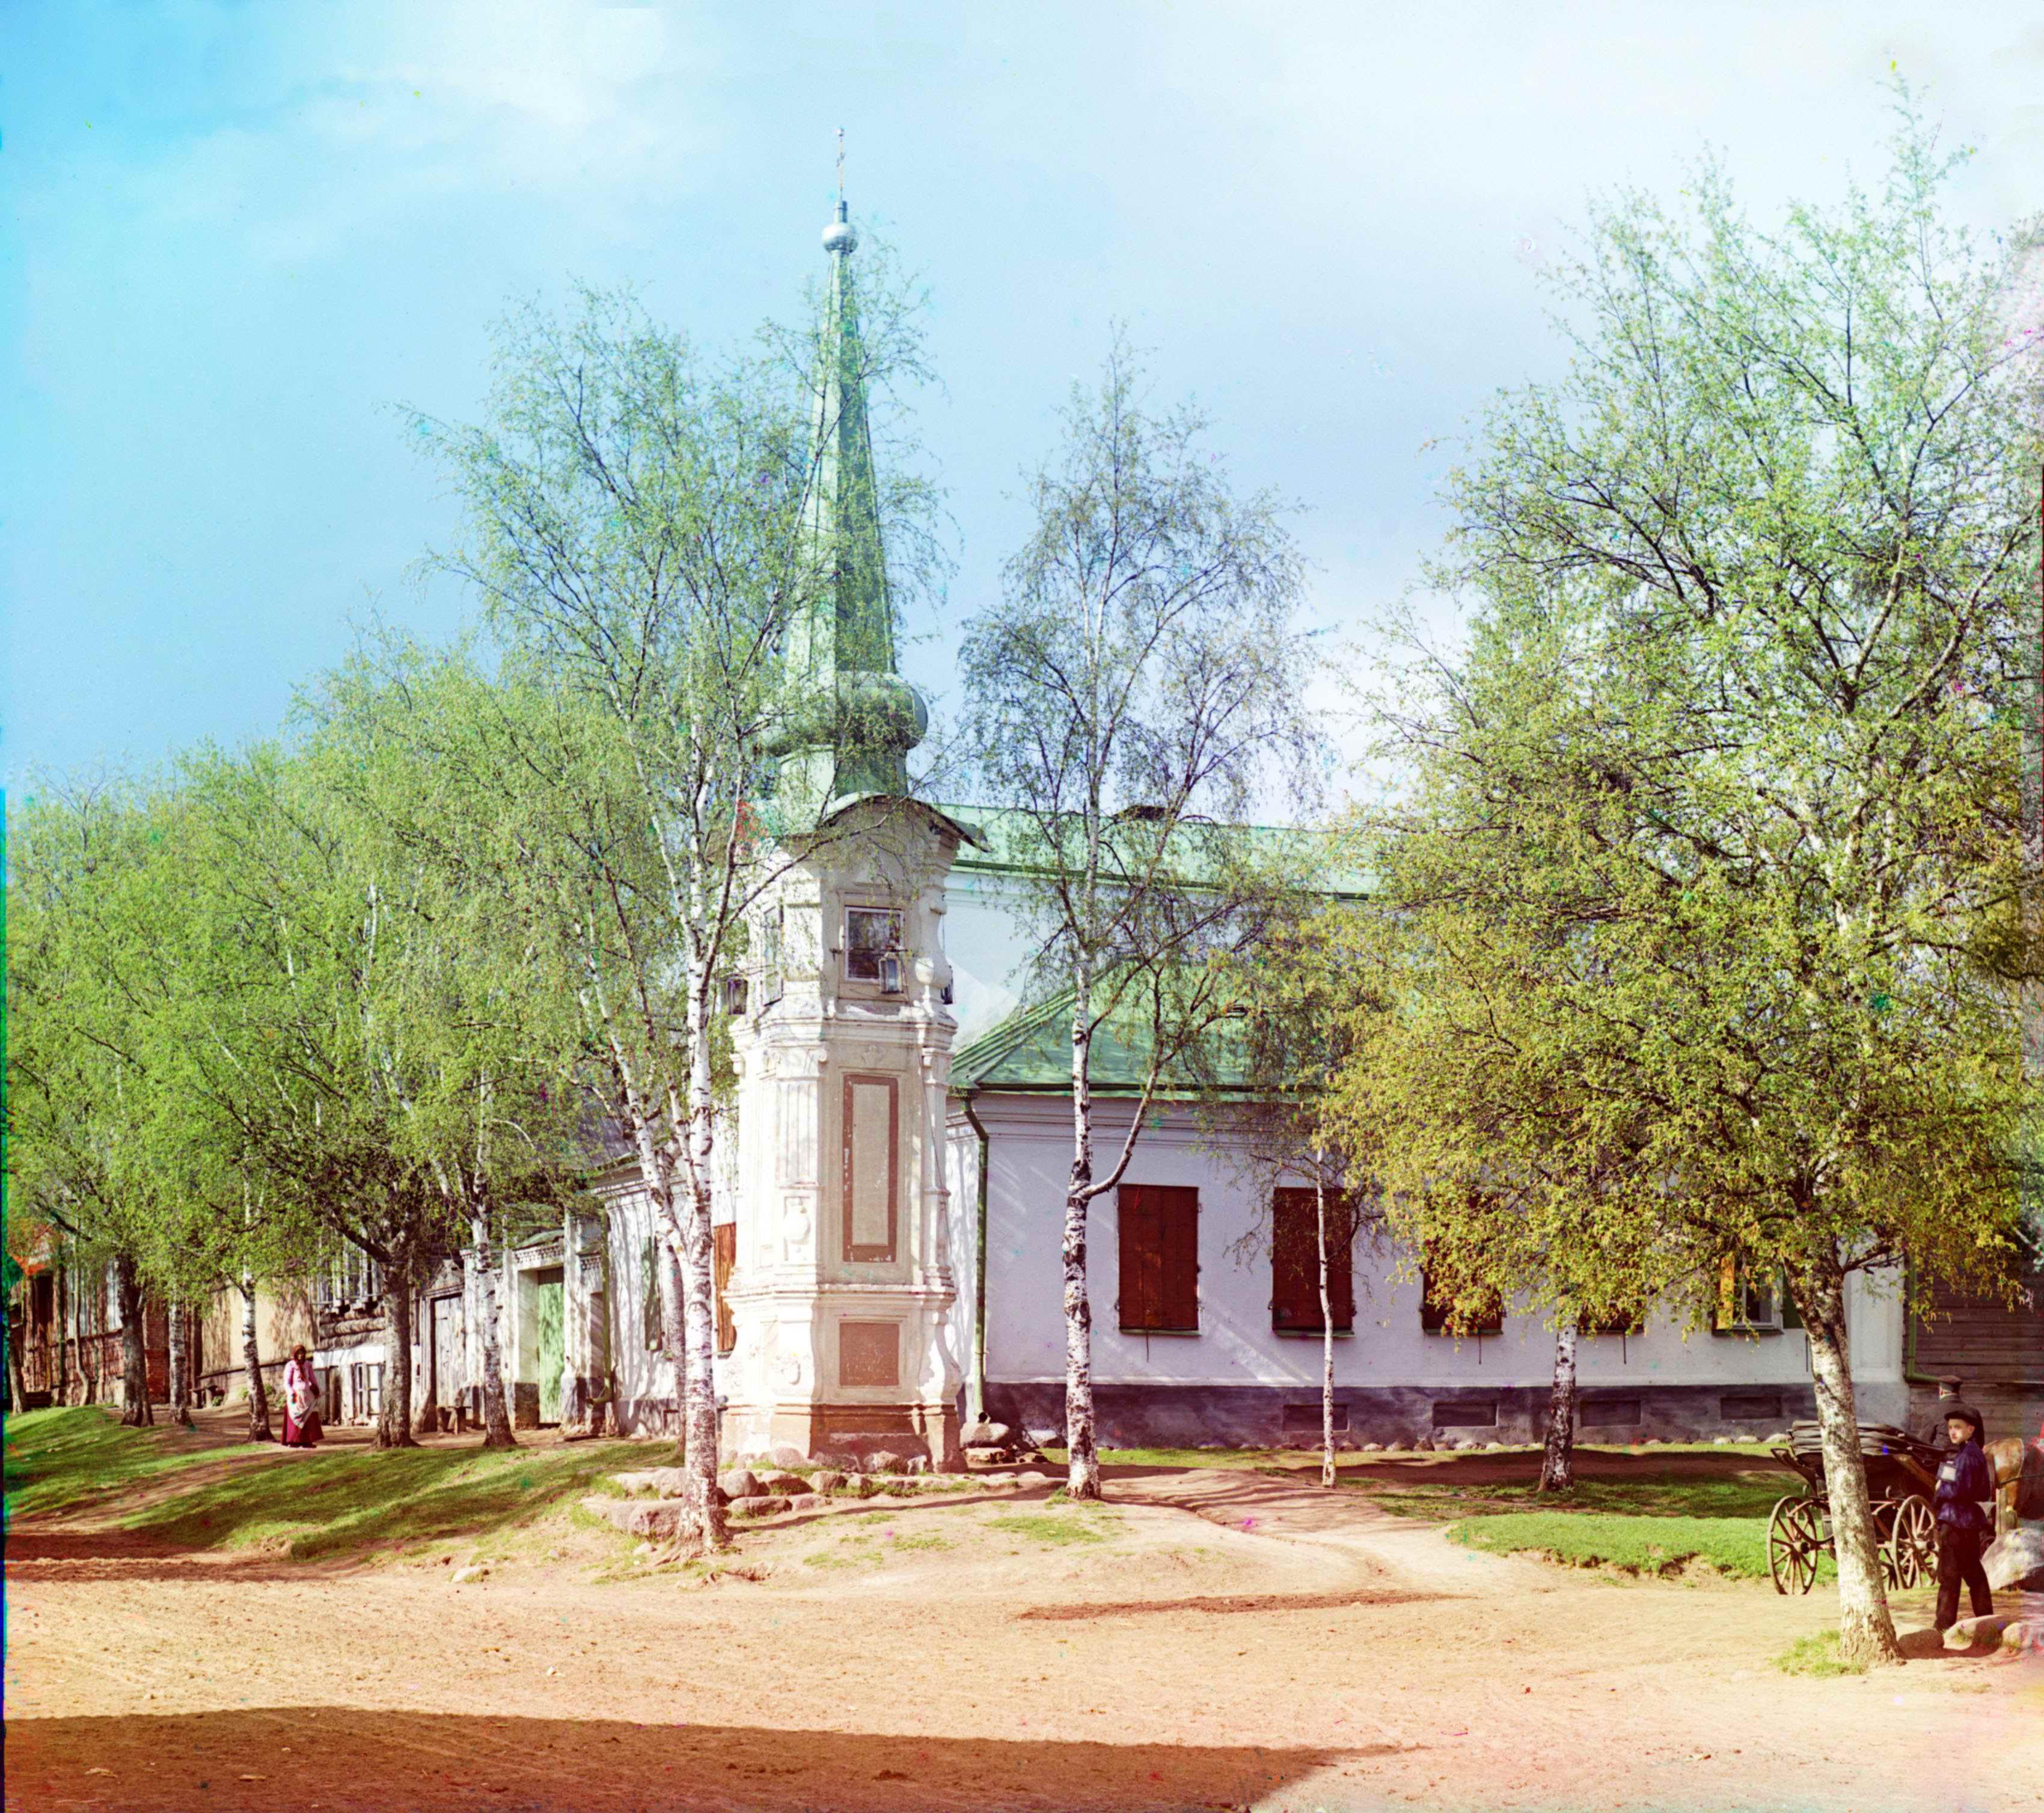 Смоленская часовня (Вальский столп) в Осташкове